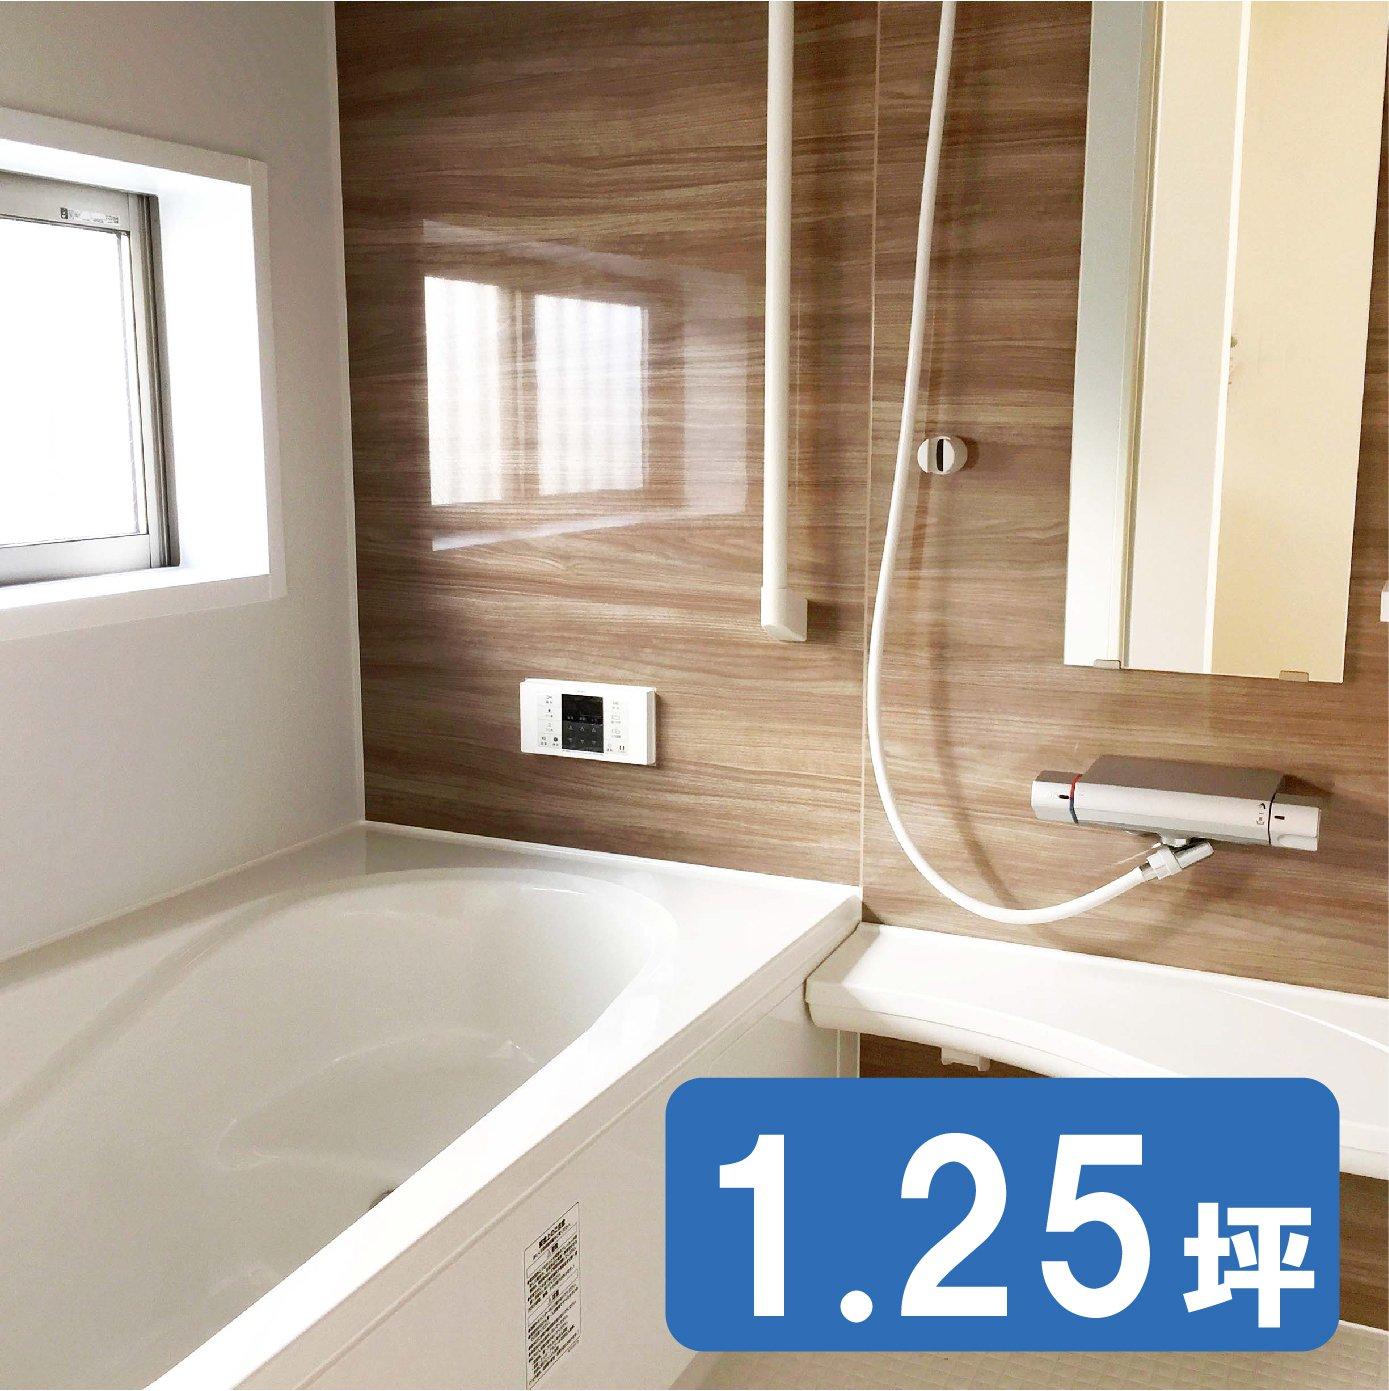 浴室クリーニング(1.25坪)のイメージその1